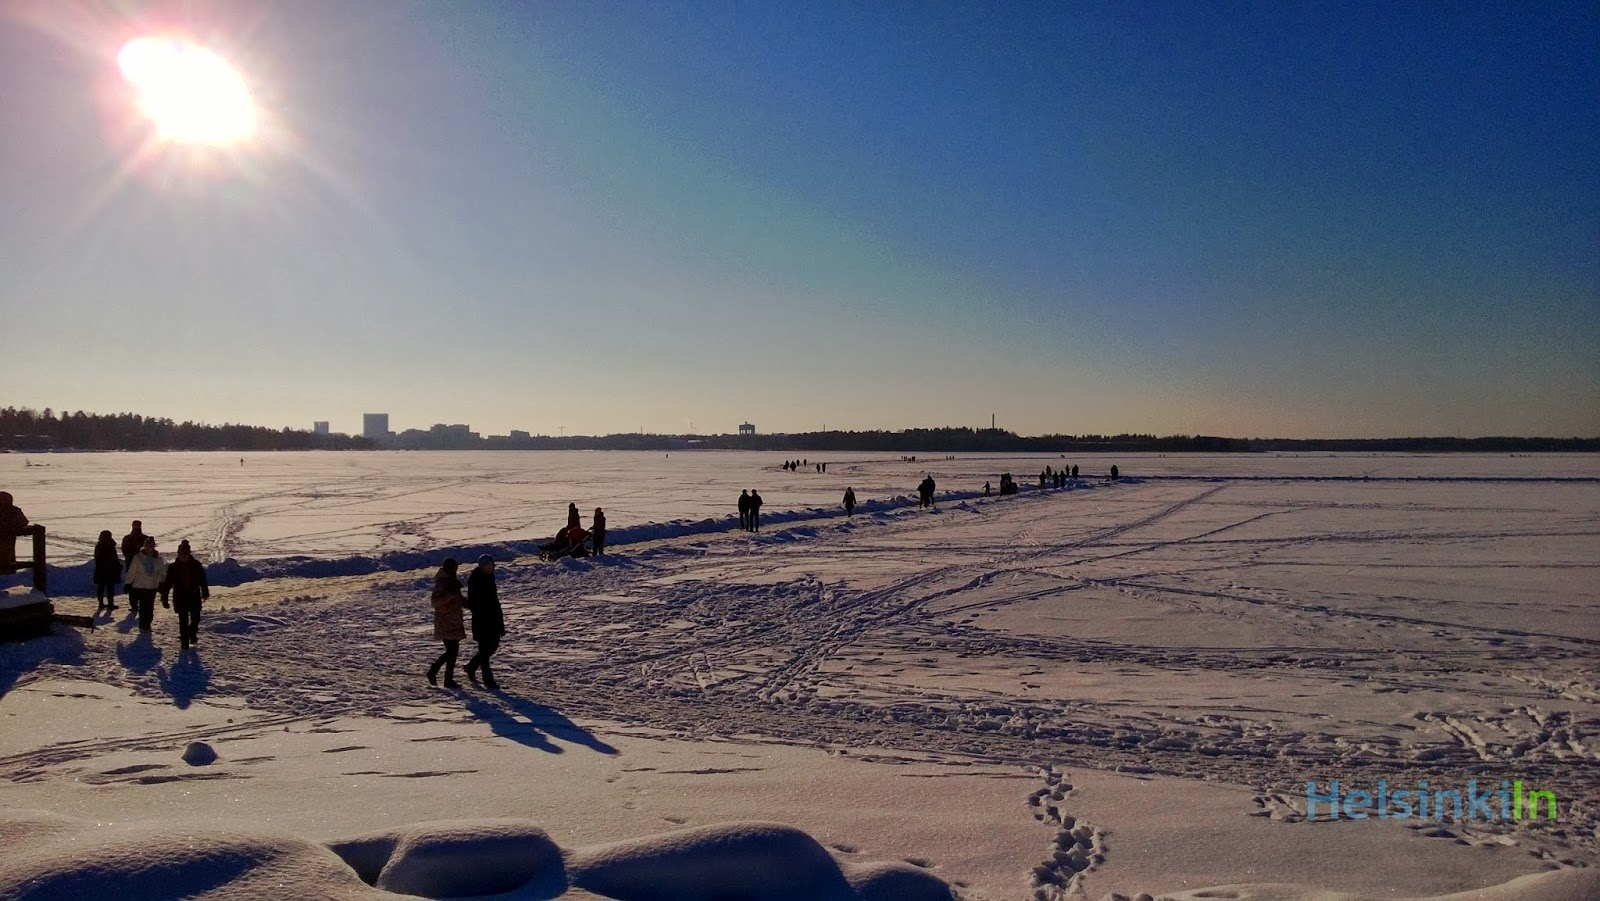 February 2013 in Helsinki